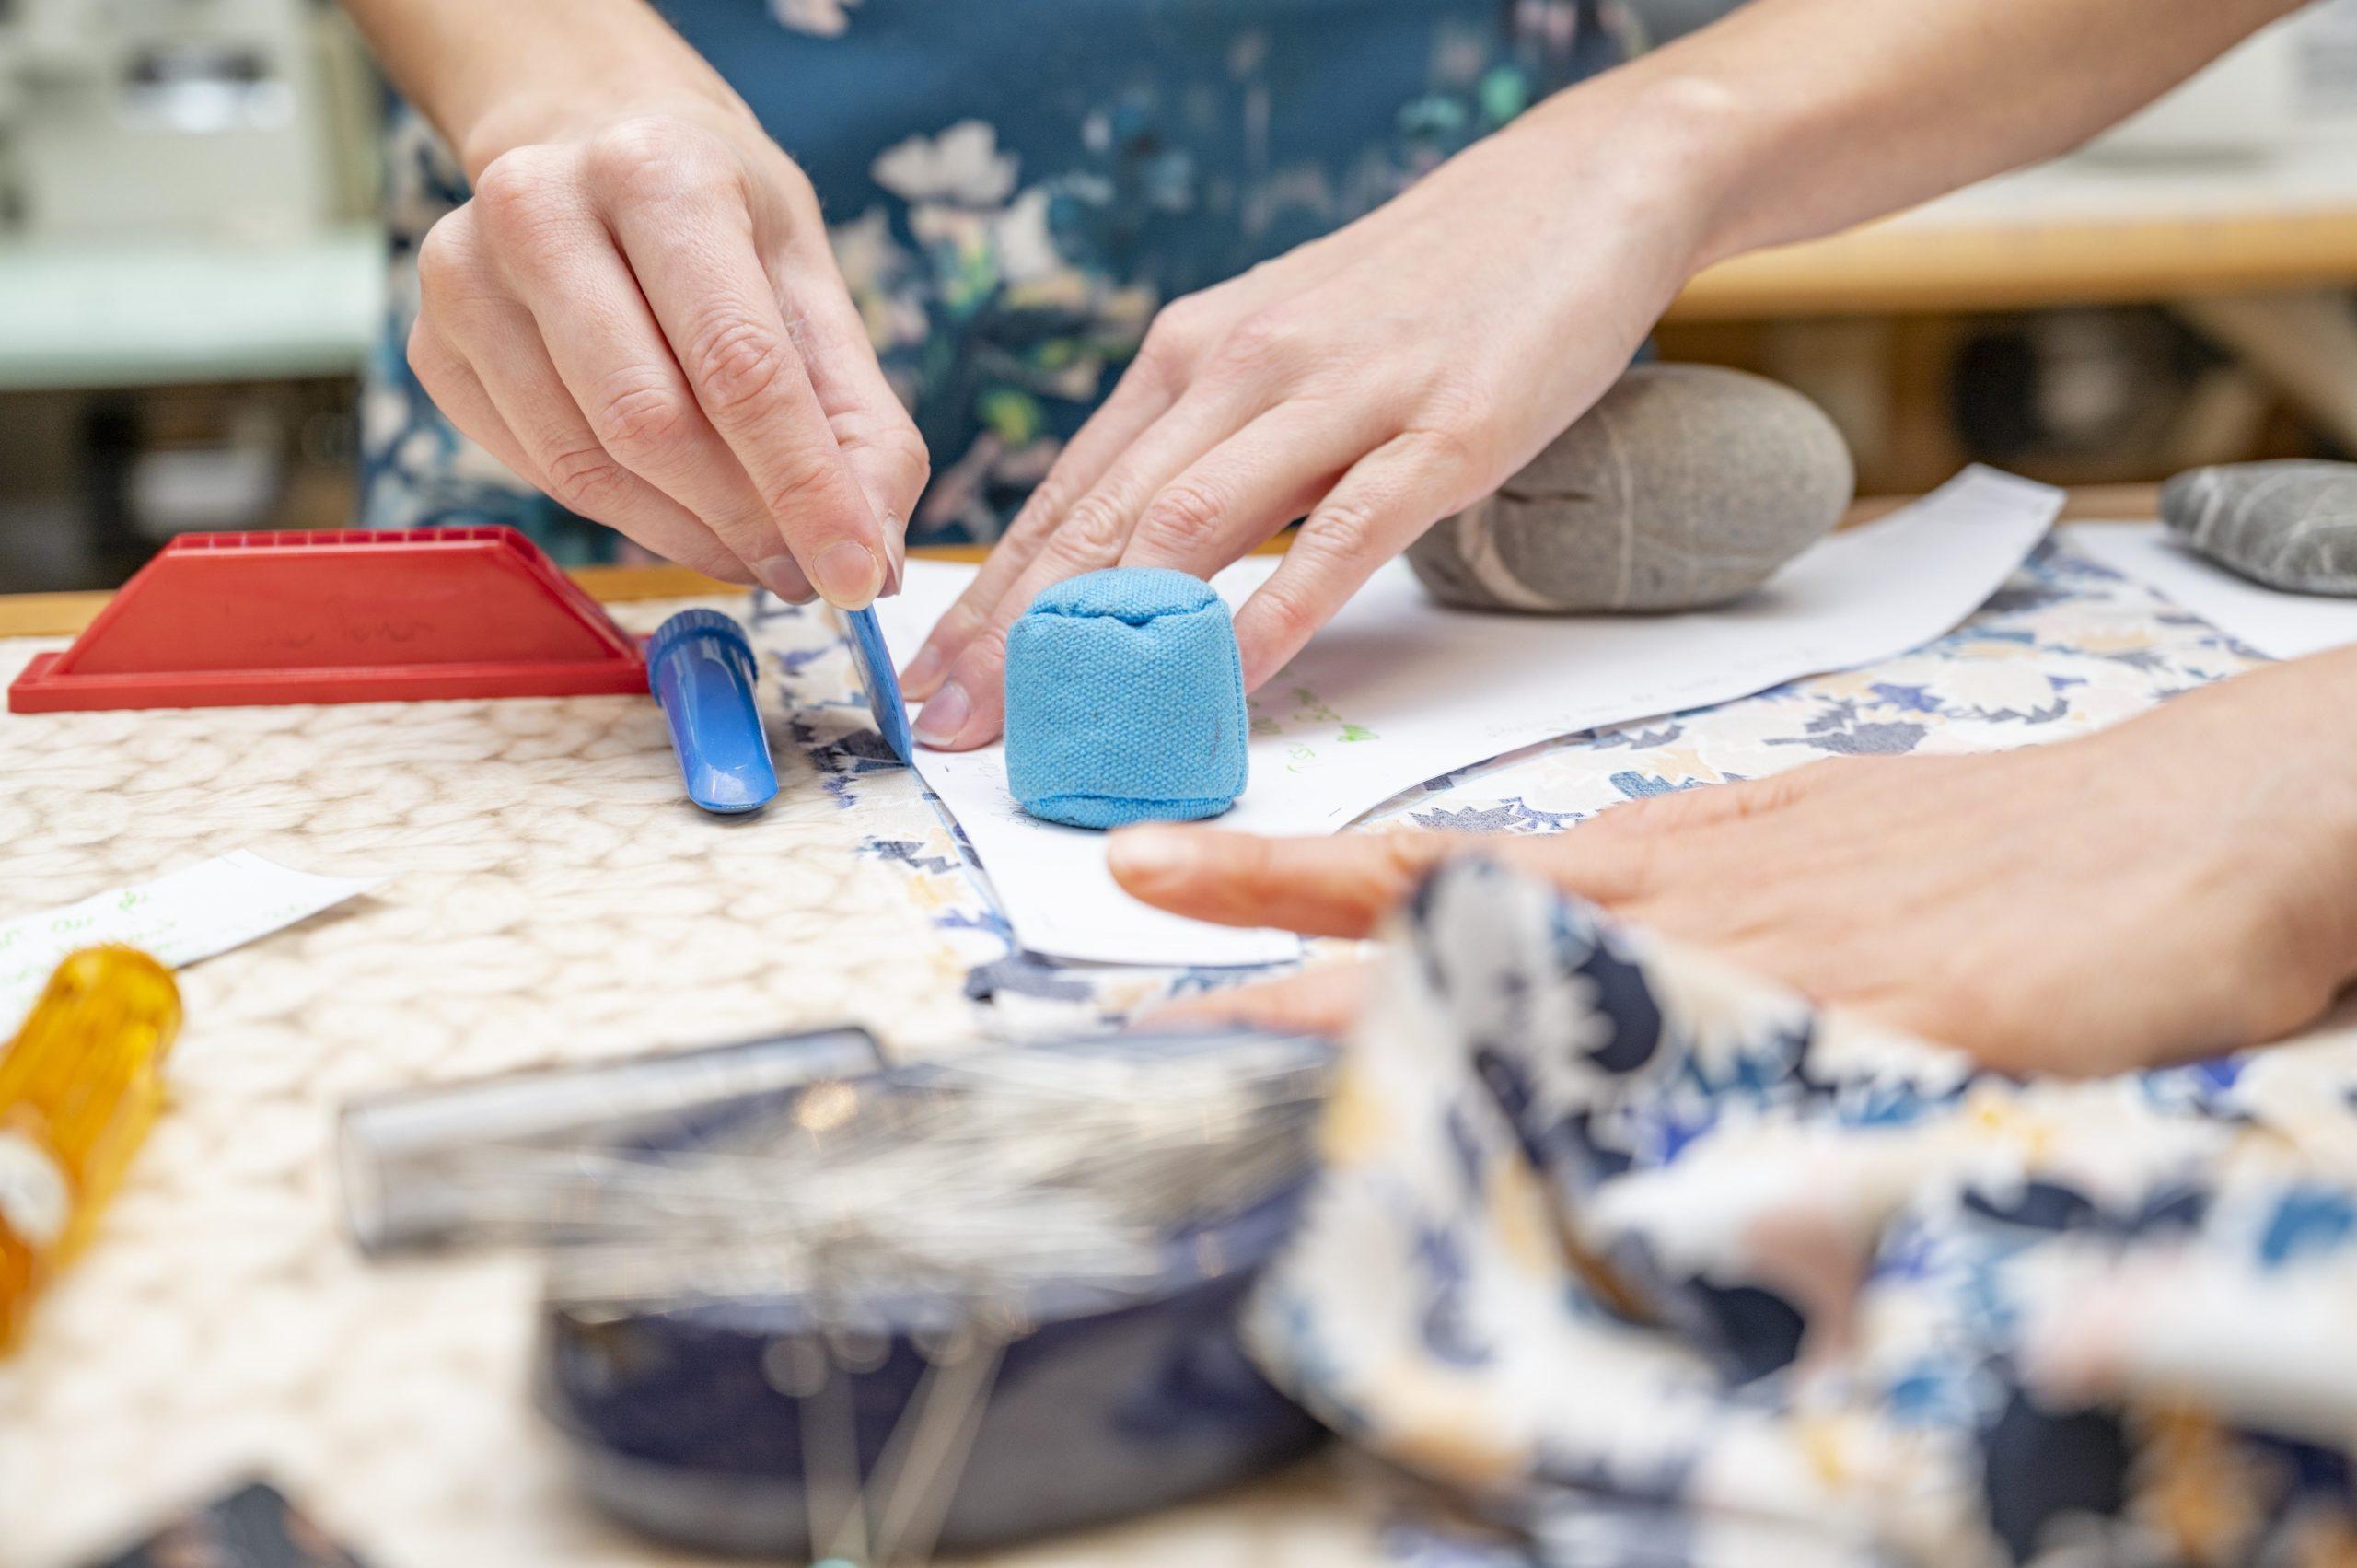 Personnes en train de créer un vêtement et tracer sur du tissu pendant un cours de couture à Nice